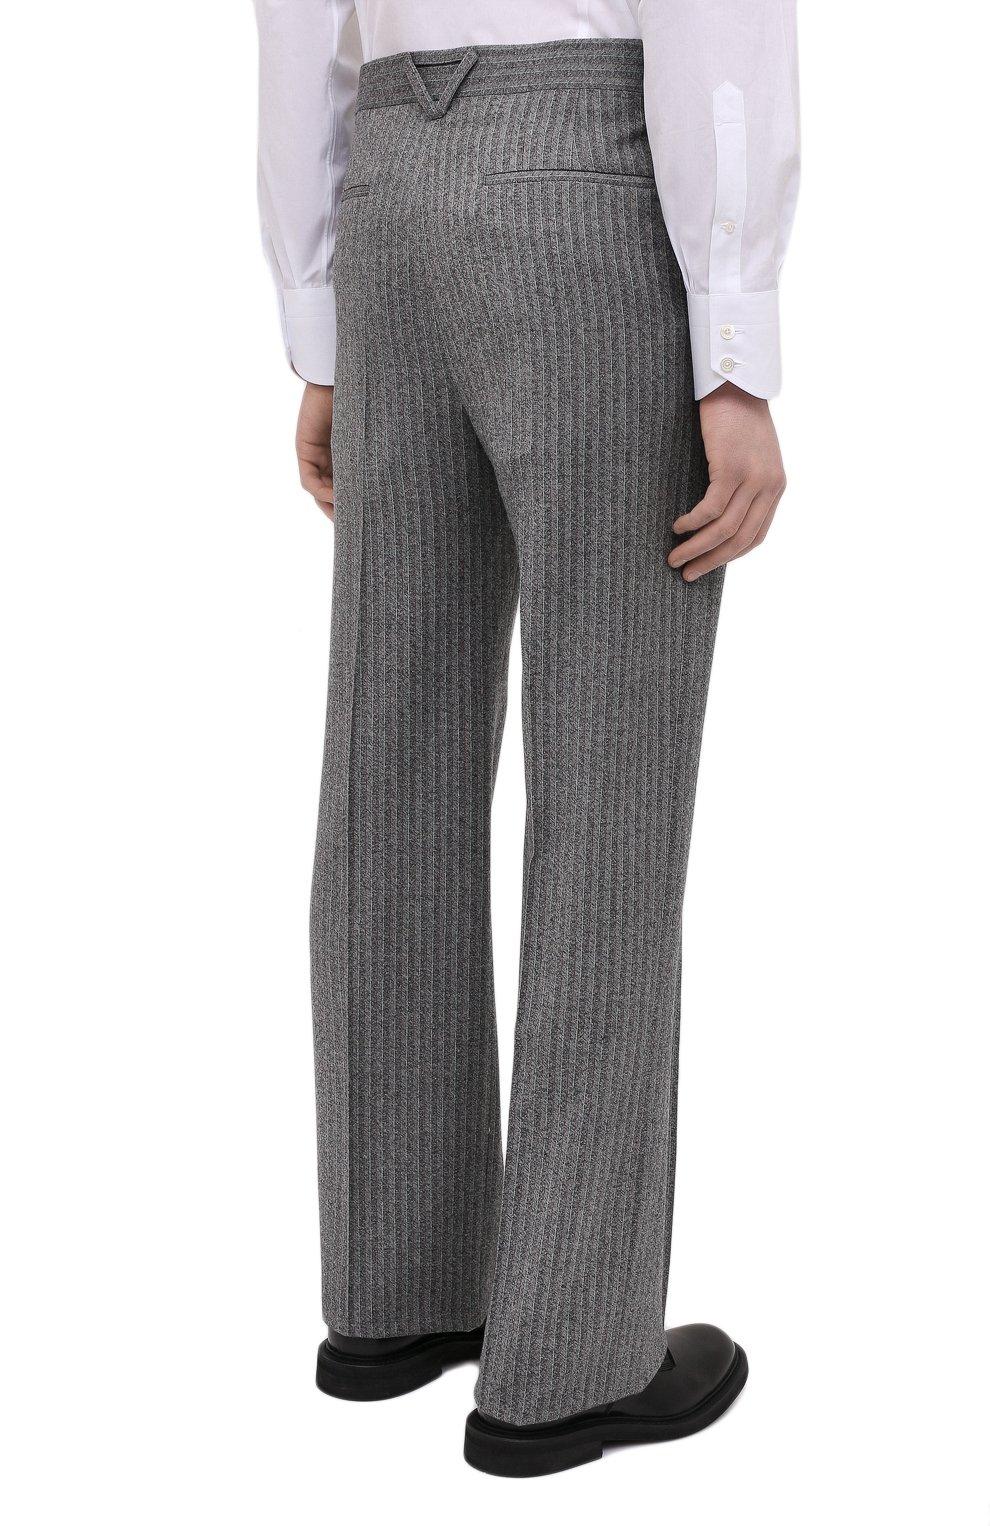 Мужские шерстяные брюки BOTTEGA VENETA серого цвета, арт. 644549/V0EV0 | Фото 4 (Материал внешний: Шерсть; Длина (брюки, джинсы): Стандартные; Случай: Повседневный; Стили: Минимализм)